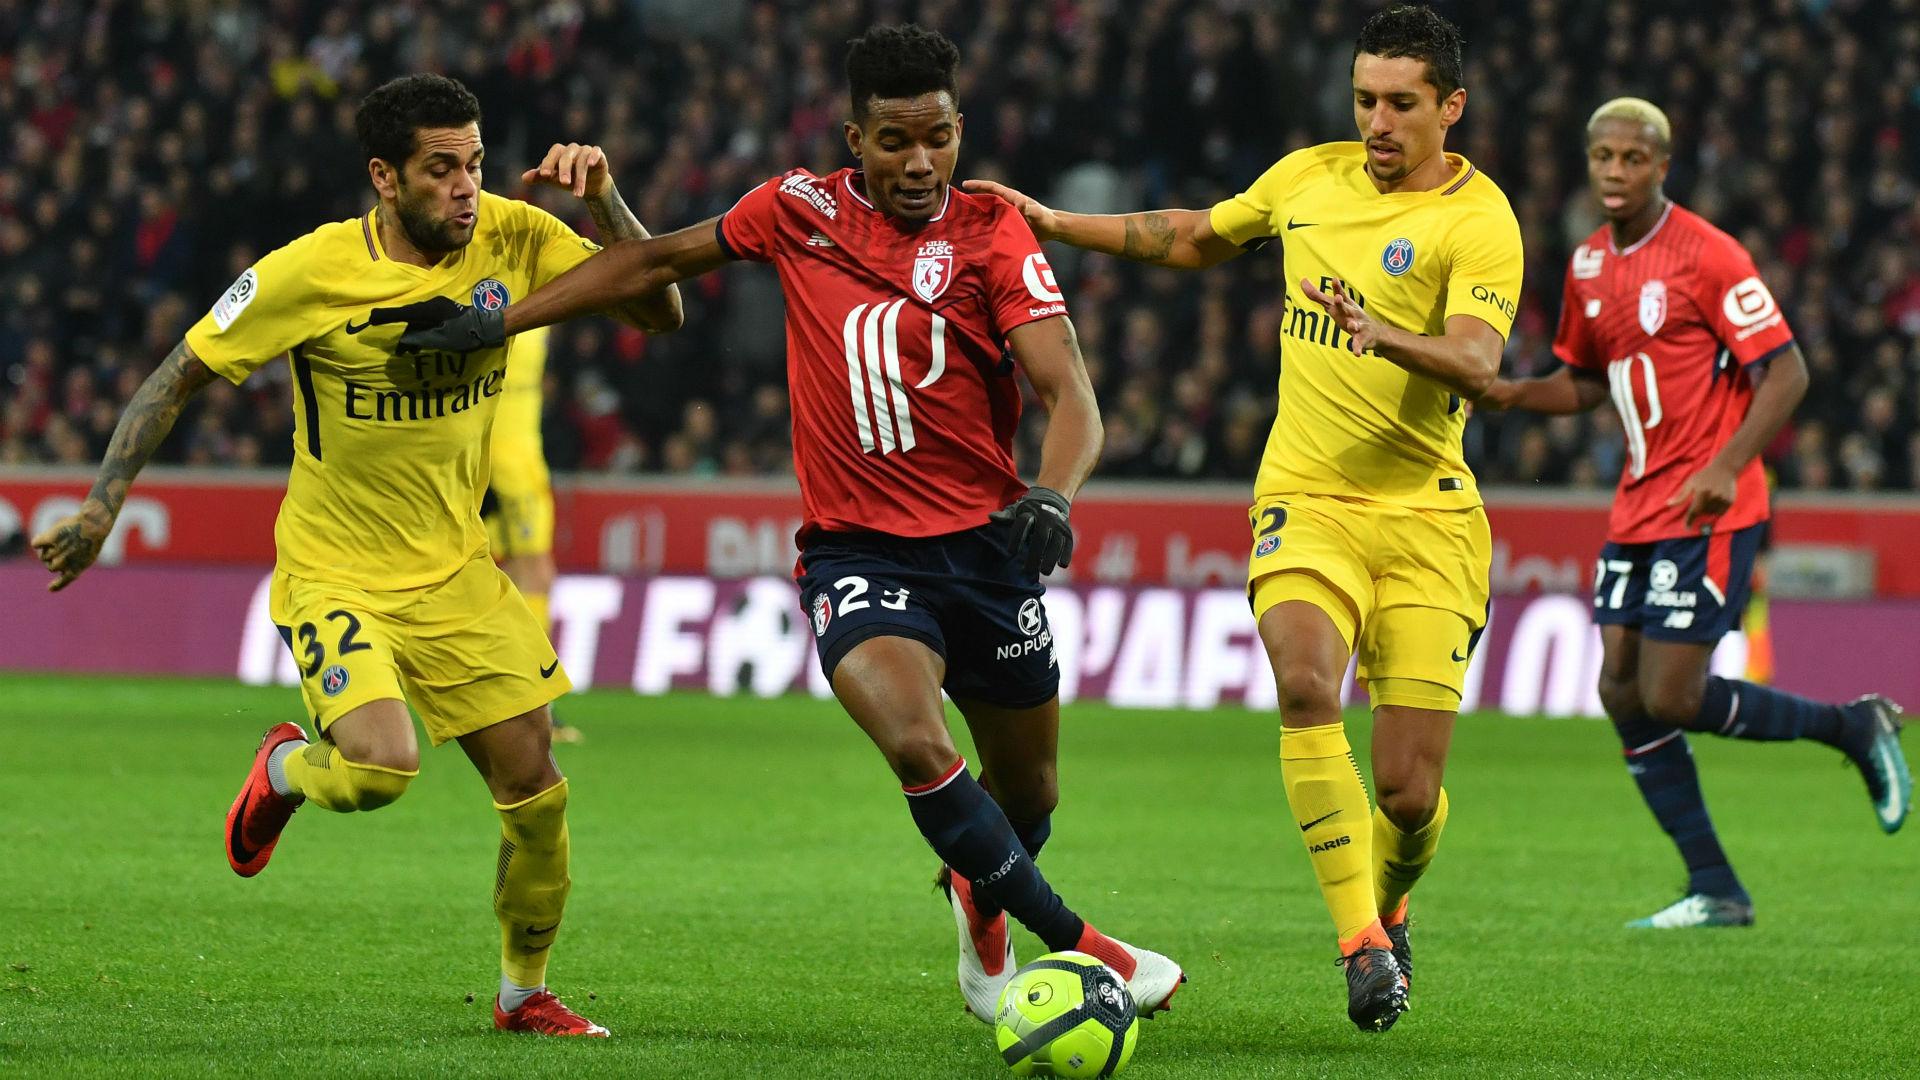 Thiago Mendes Daniel Alves Lille PSG Ligue 1 03022018